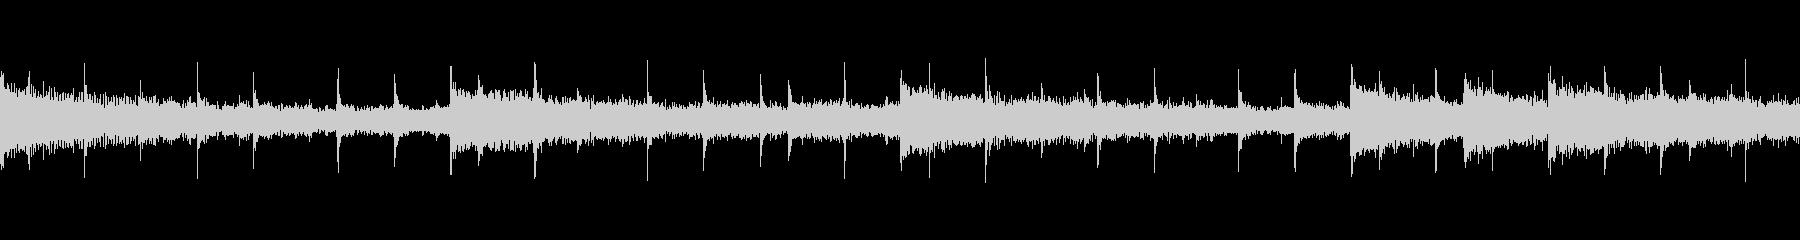 【ループ/15秒】爽やかコーポレート1の未再生の波形